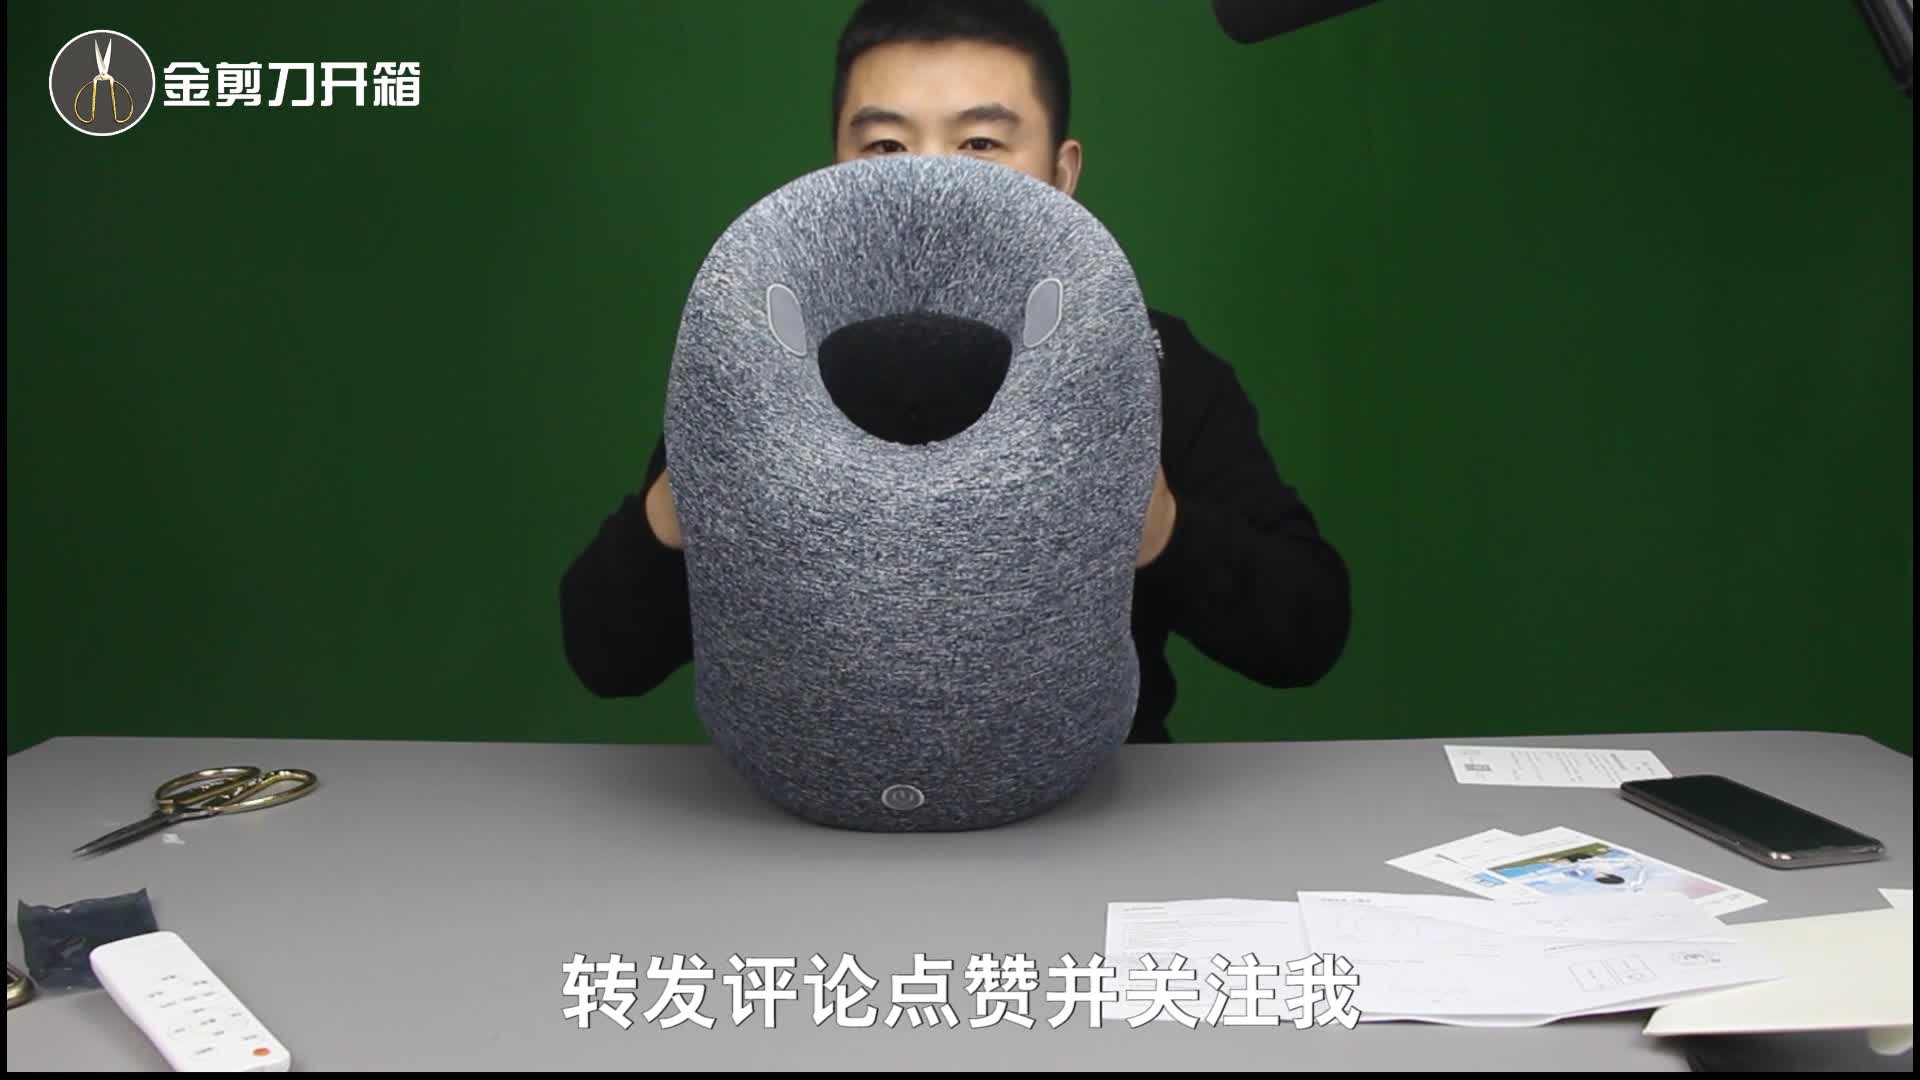 开箱349元小米众筹,办公室午睡神器,再也不怕睡觉流口水了!